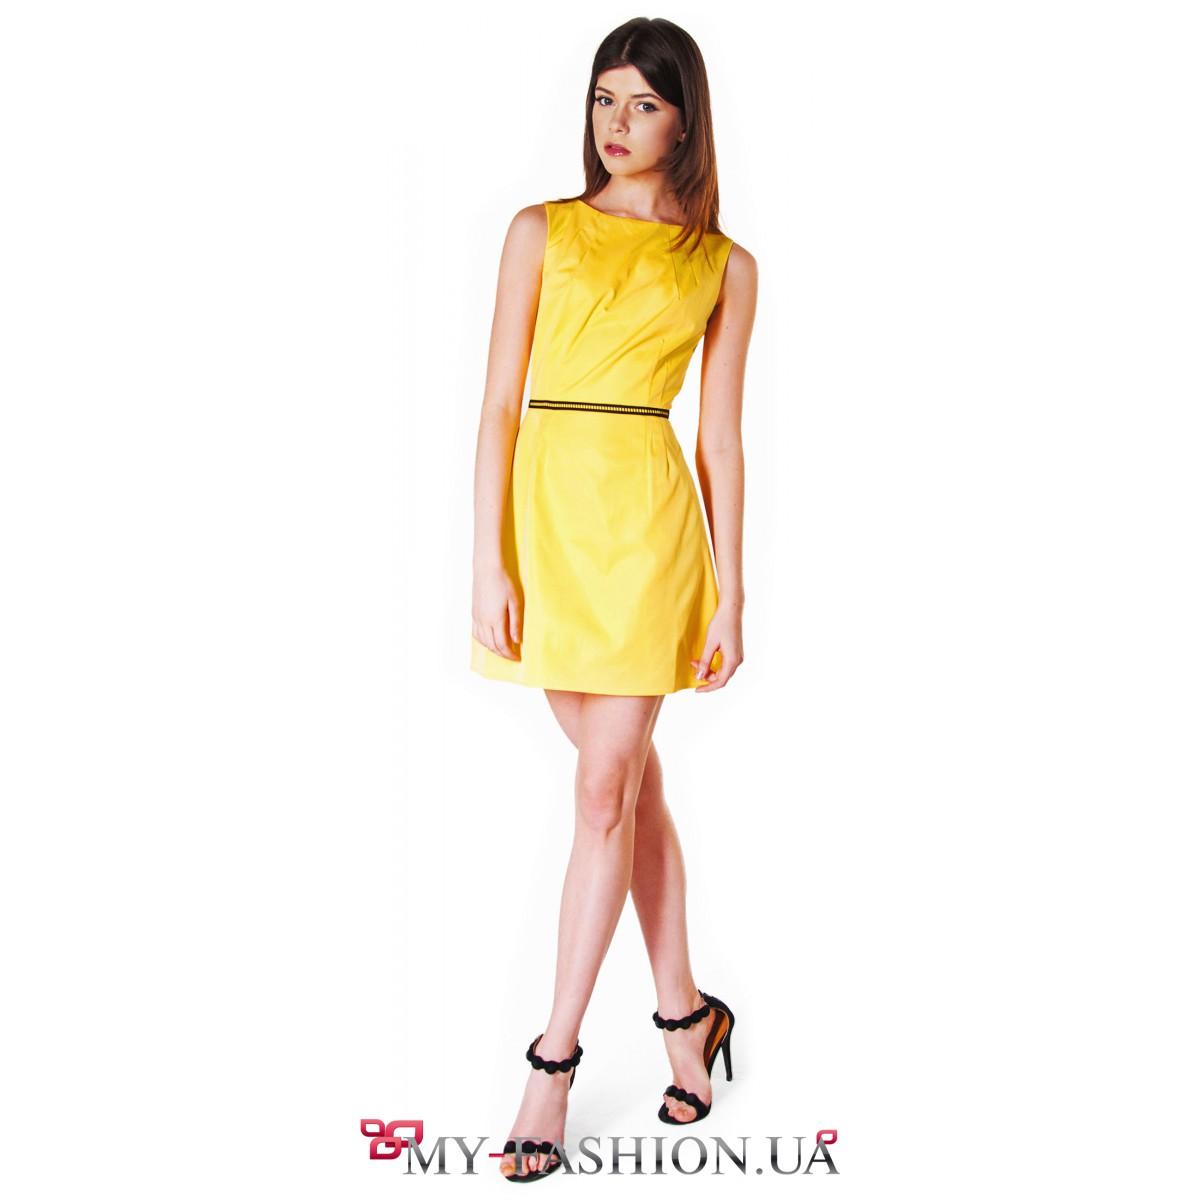 Платье желтого цвета короткое фото